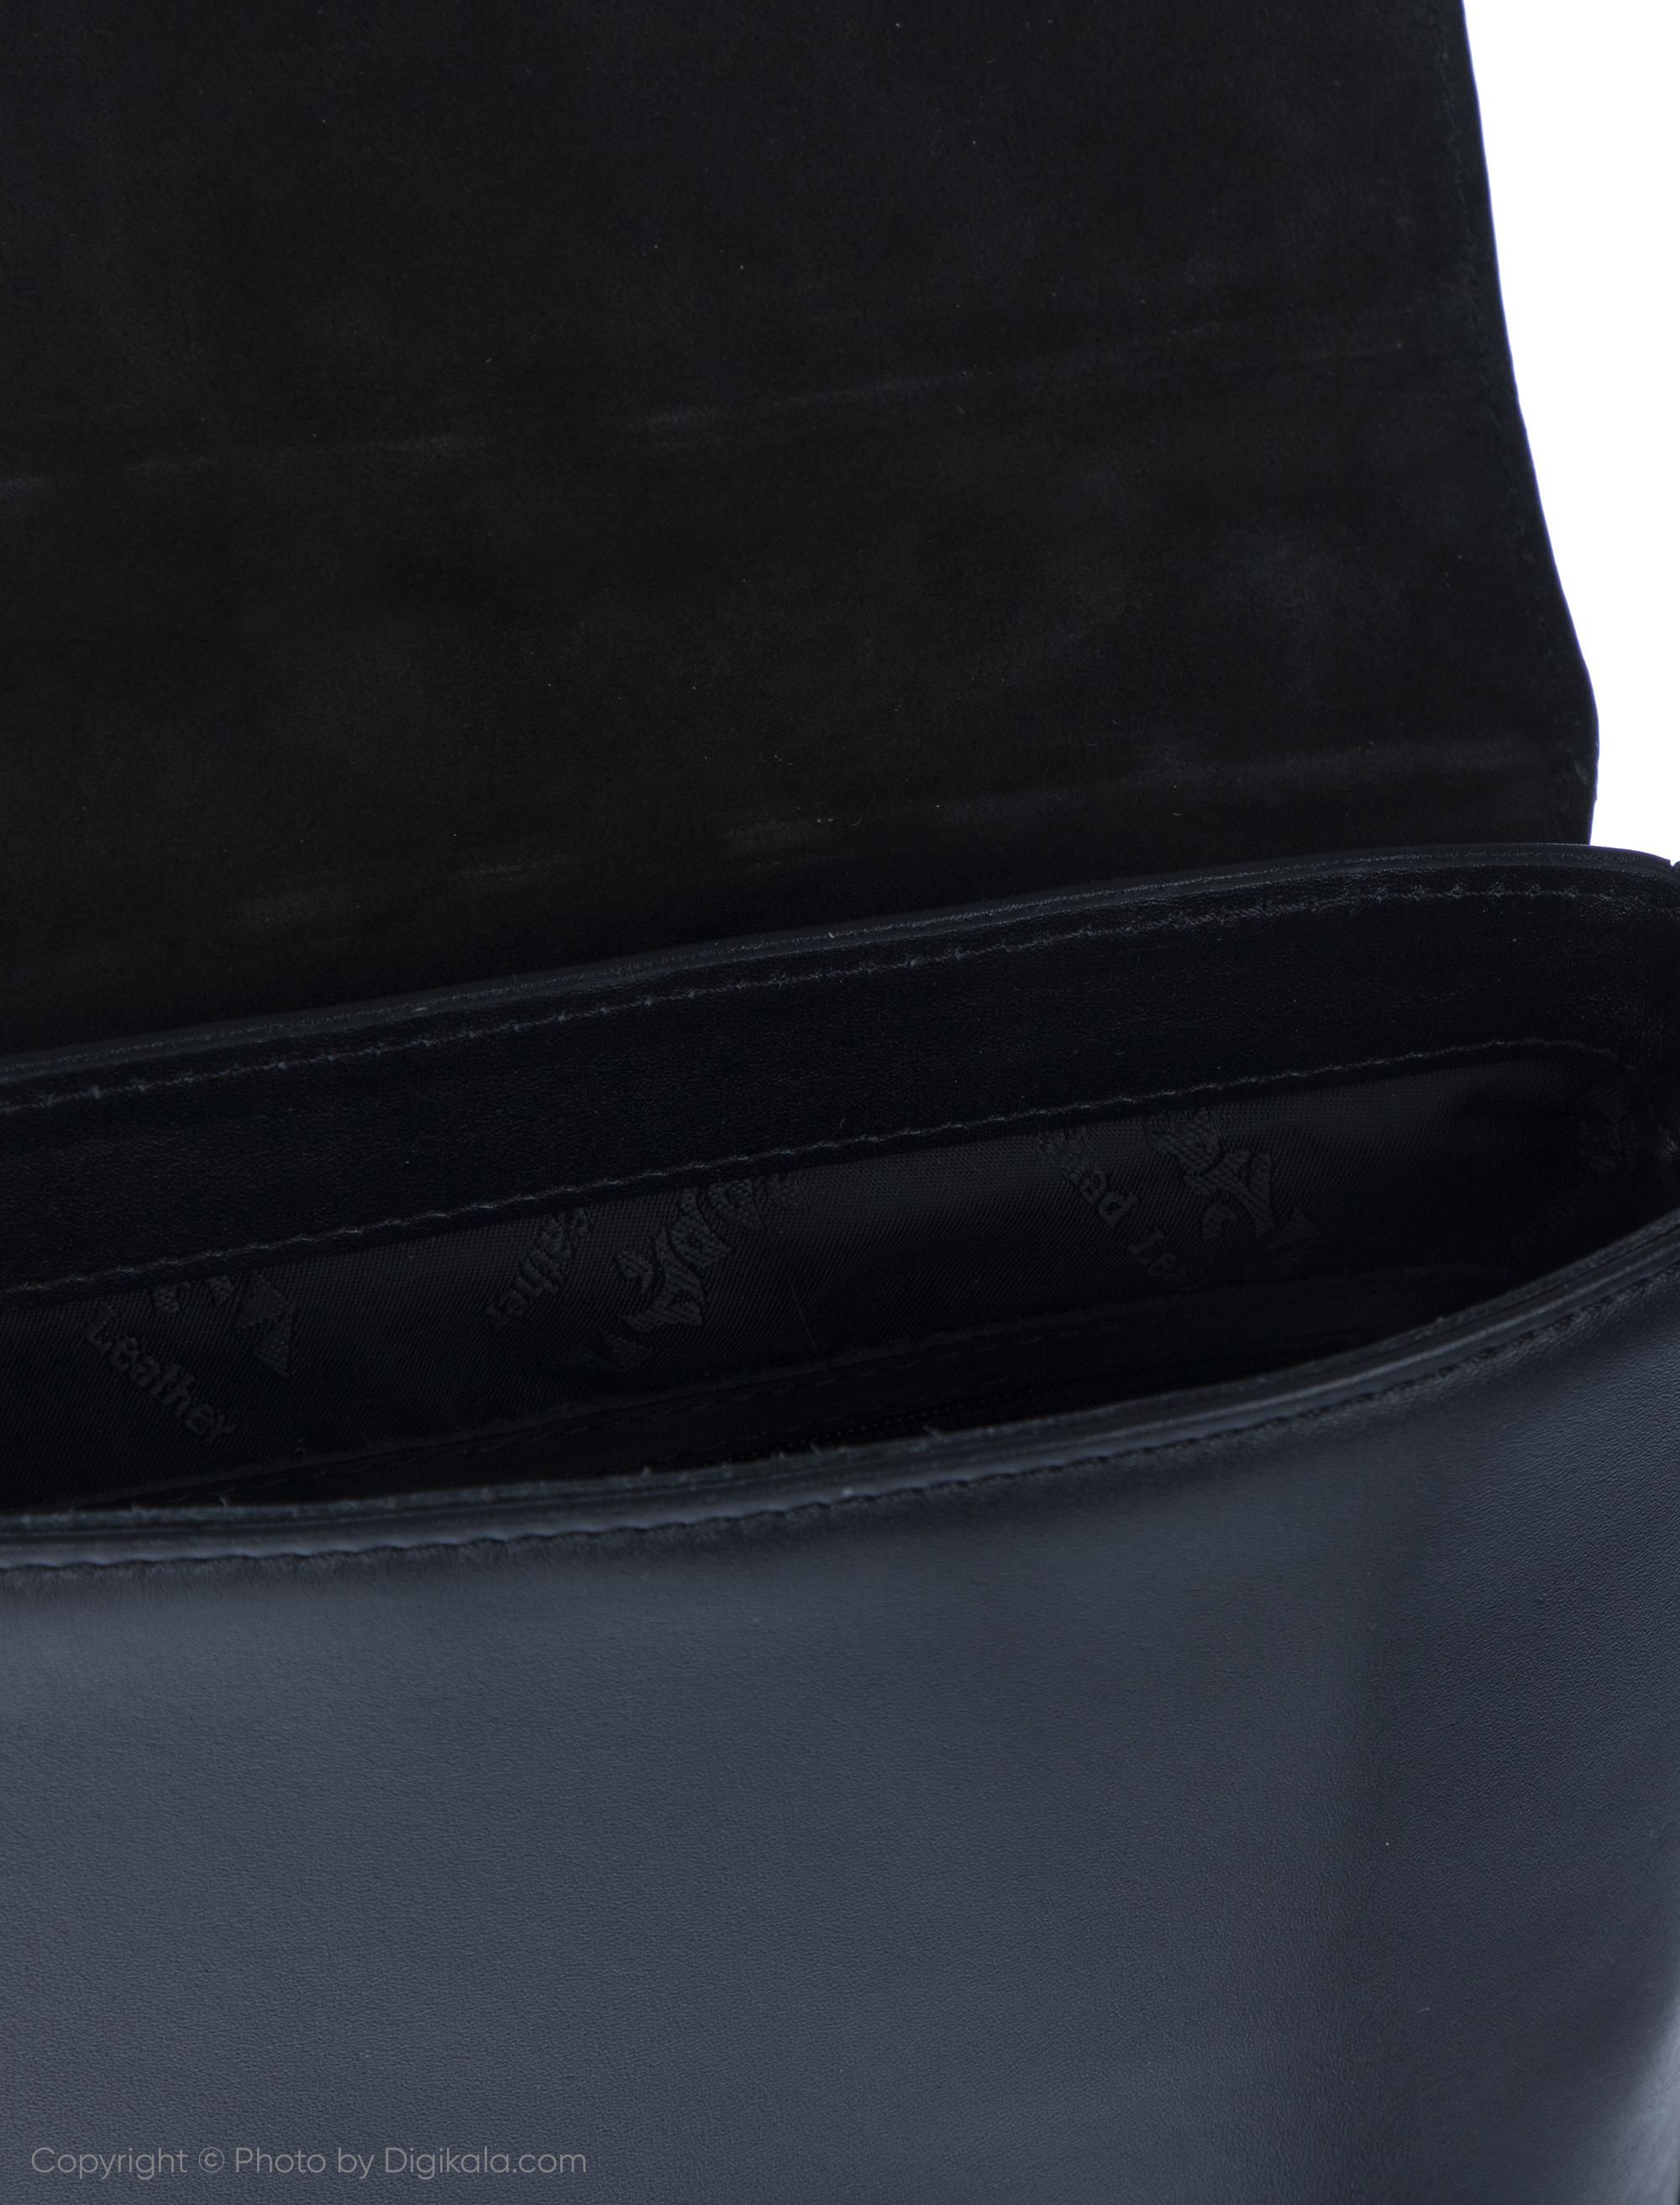 کیف رودوشی چرم مشهد مدل X0505-001